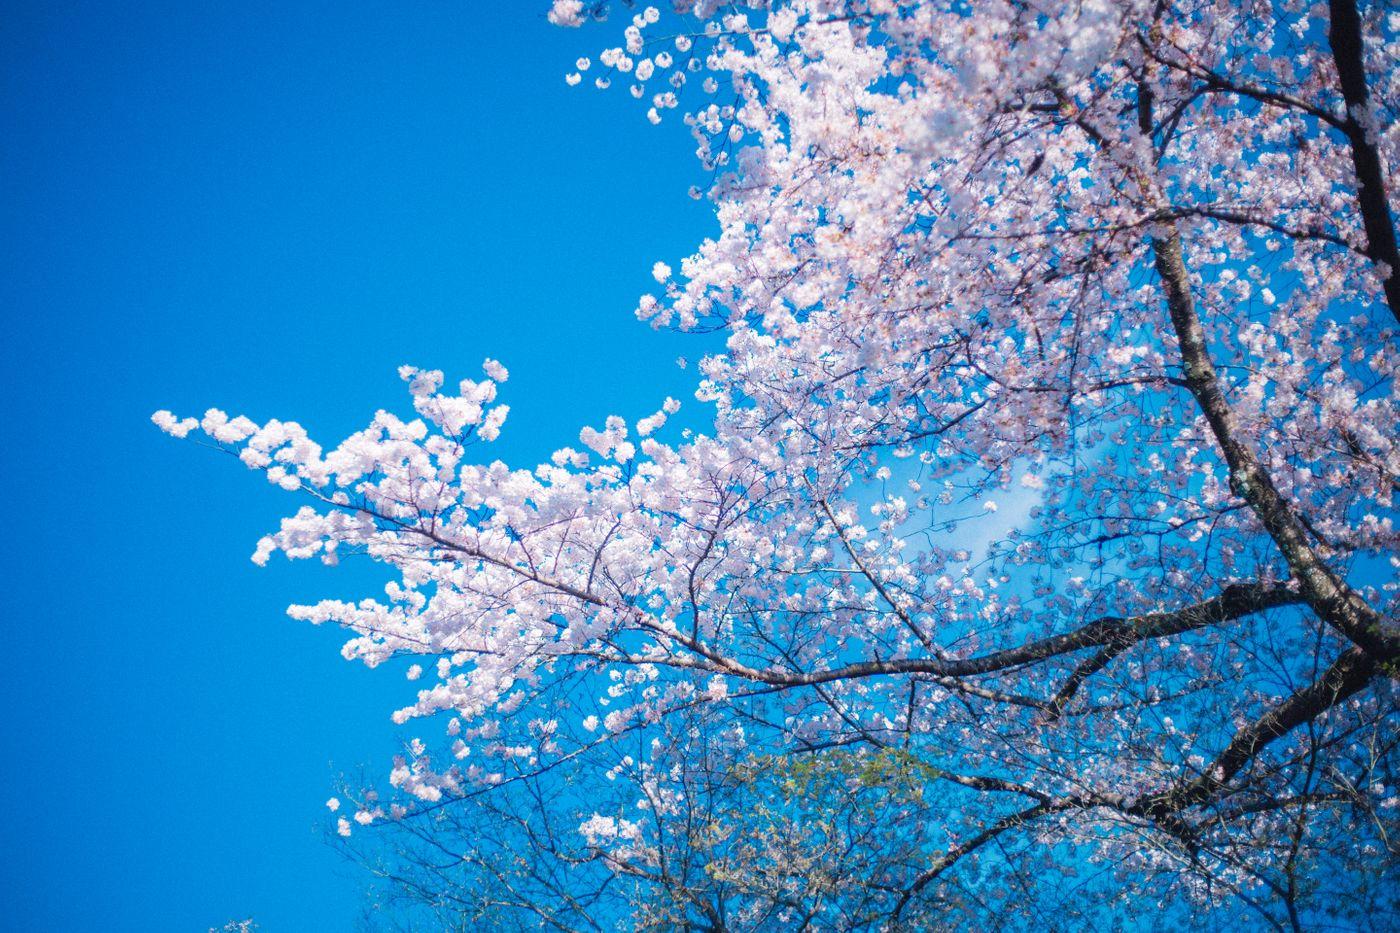 桜の季節の写真